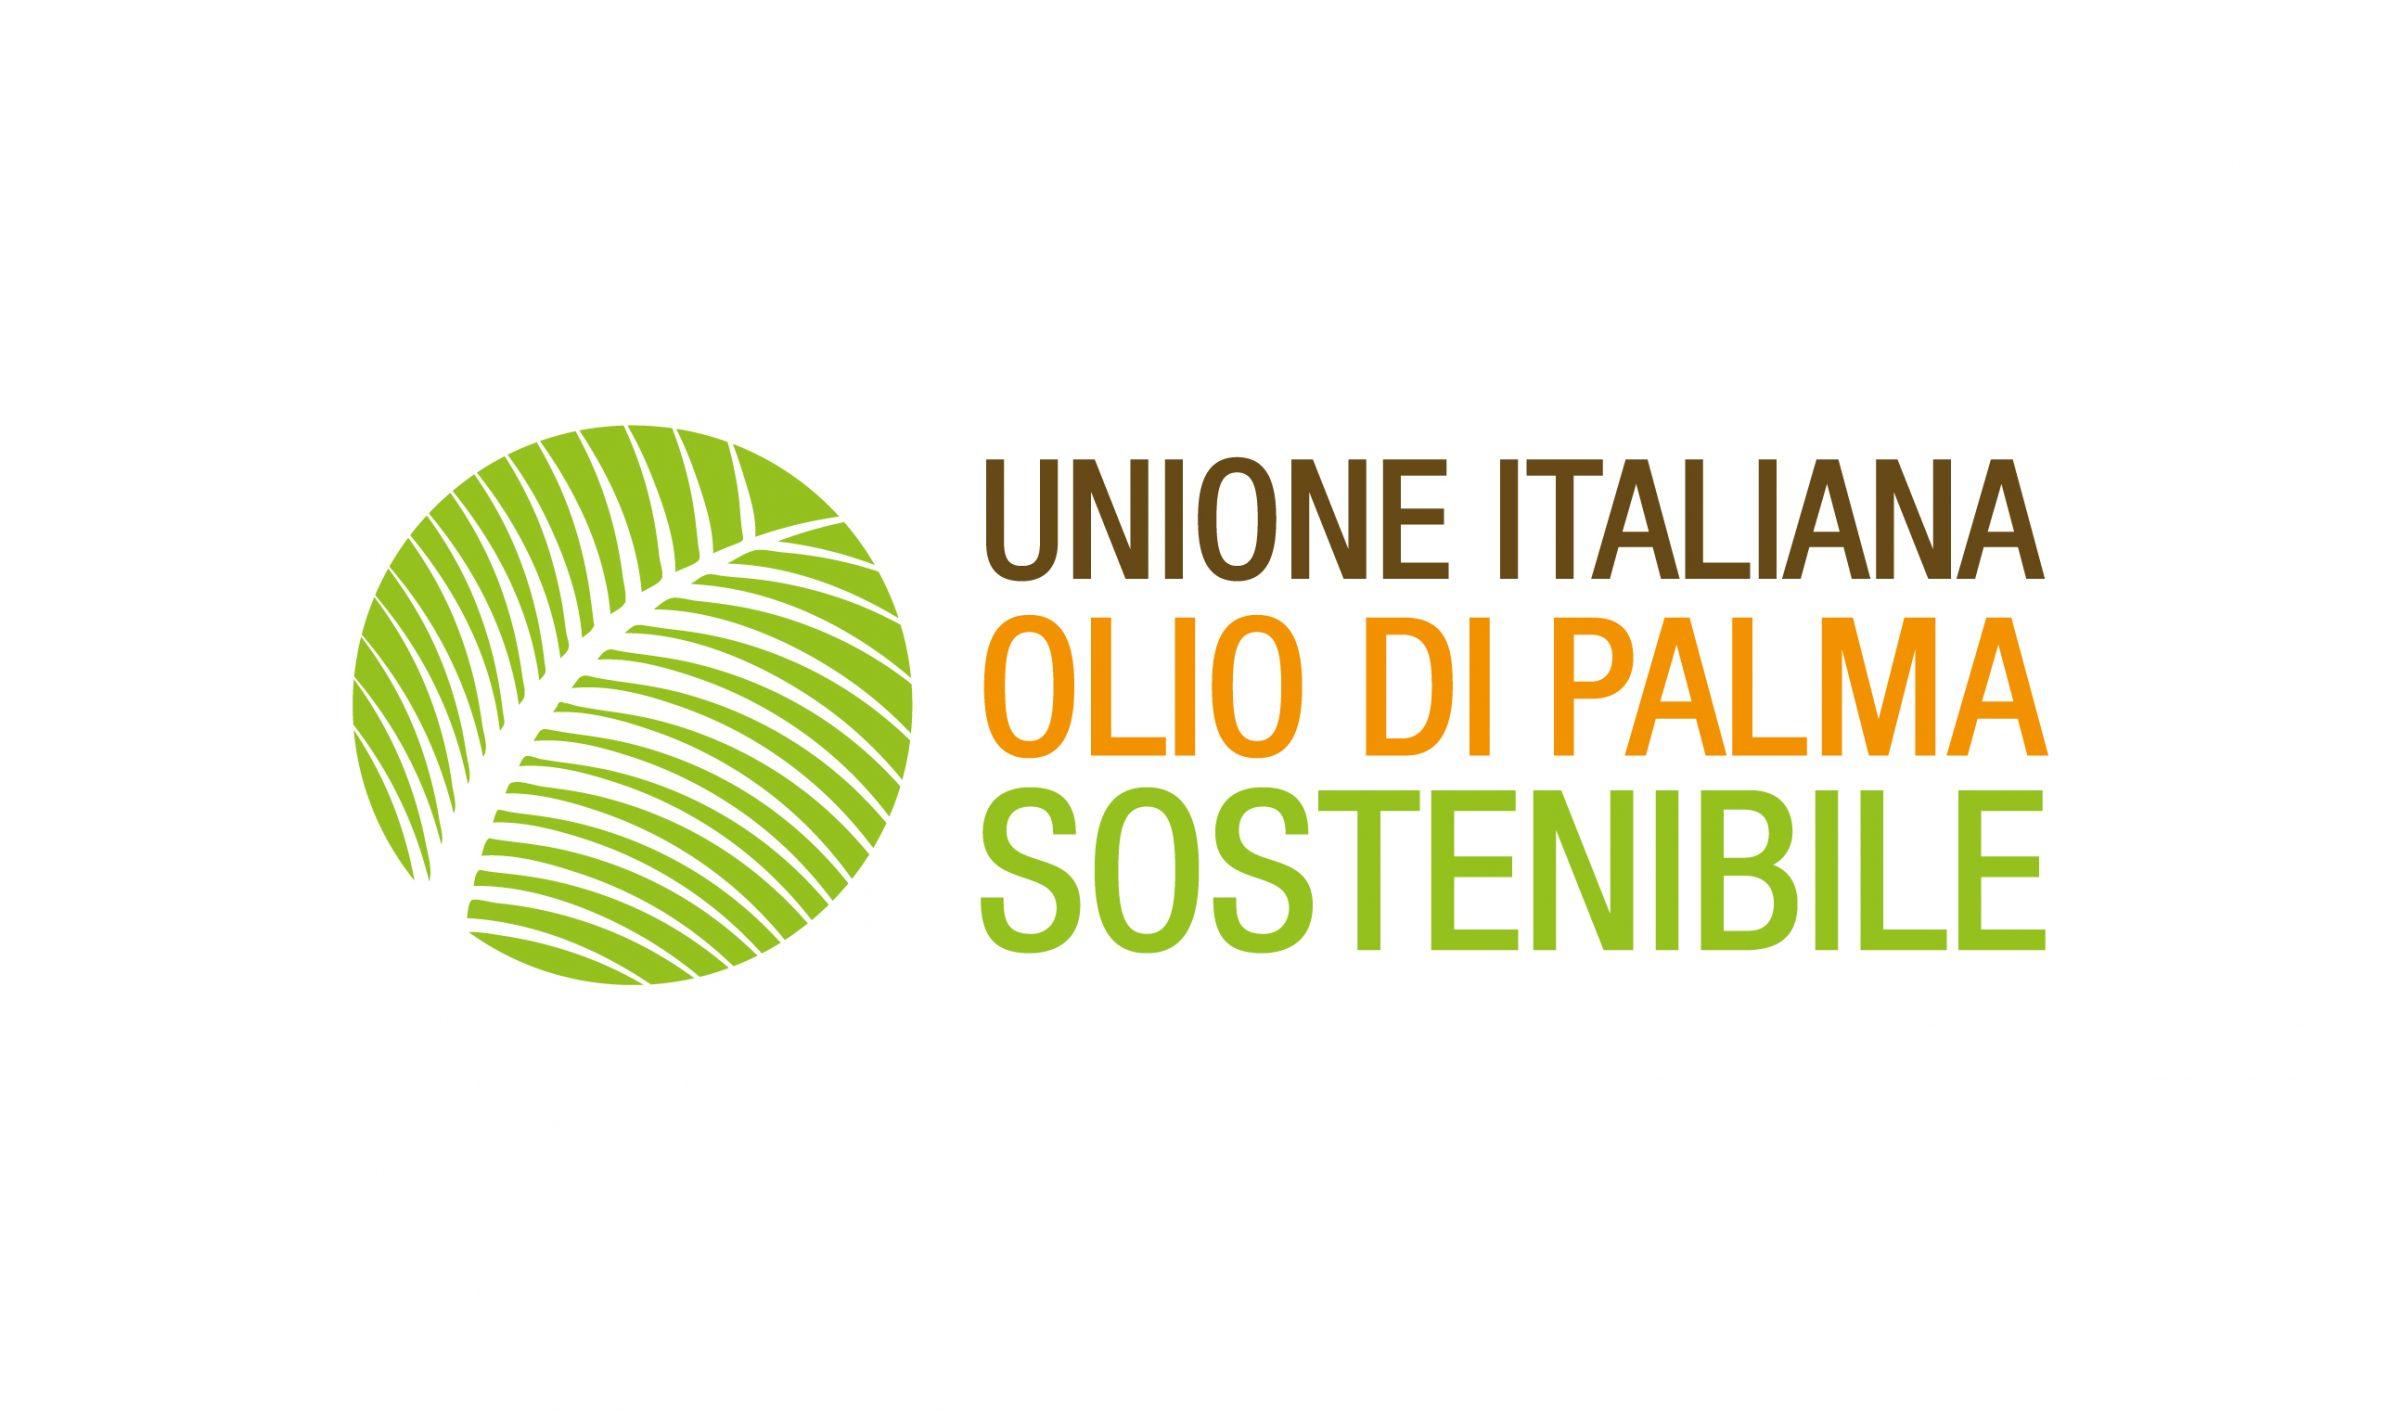 Unione Italiana per l'Olio di Palma Sostenibile